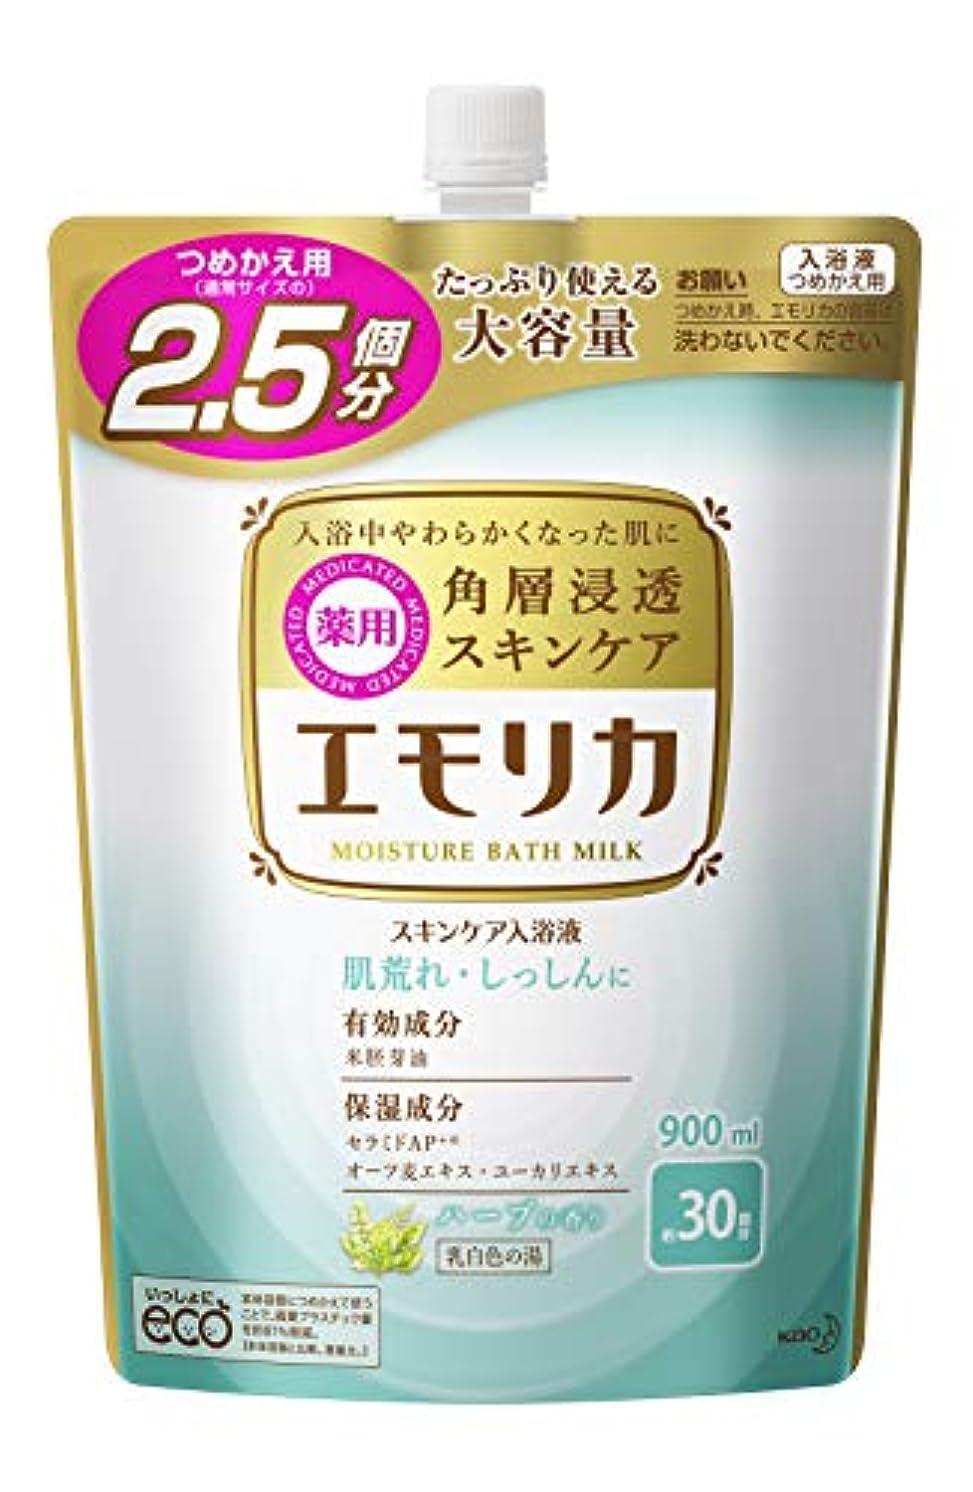 竜巻教会火山学【大容量】 エモリカ 薬用スキンケア入浴液 ハーブの香り つめかえ用900ml 液体 入浴剤 (赤ちゃんにも使えます)